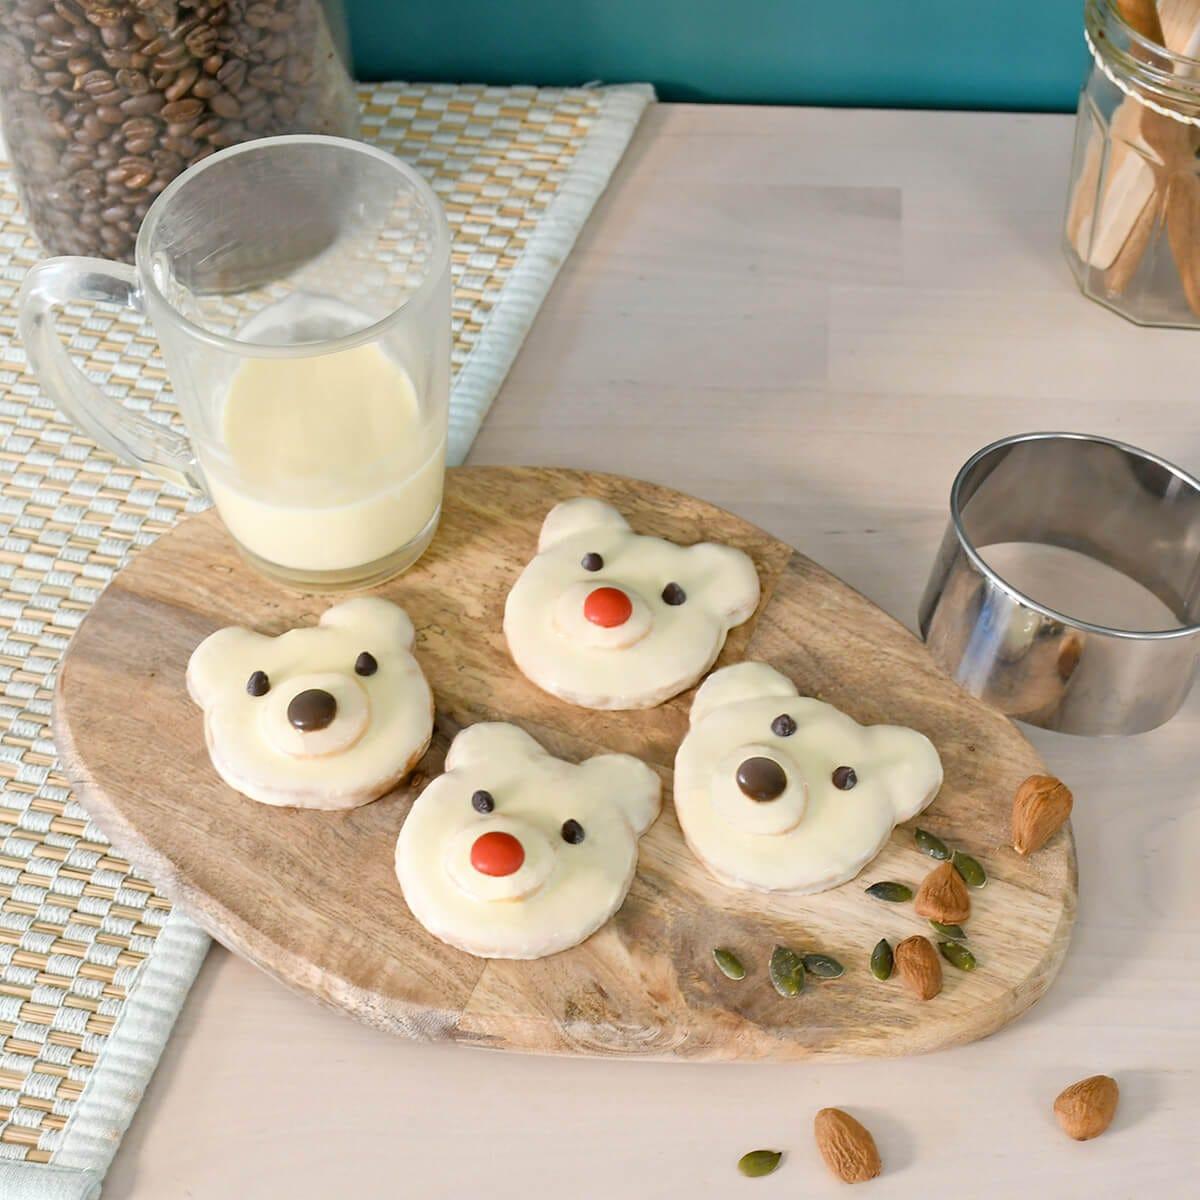 Réalisez facilement ces gâteaux en forme d'ours polaires trop mignons, pour proposer un goûter original et gourmand à vos enfants. Retrouvez toutes nos recettes sur le blog.